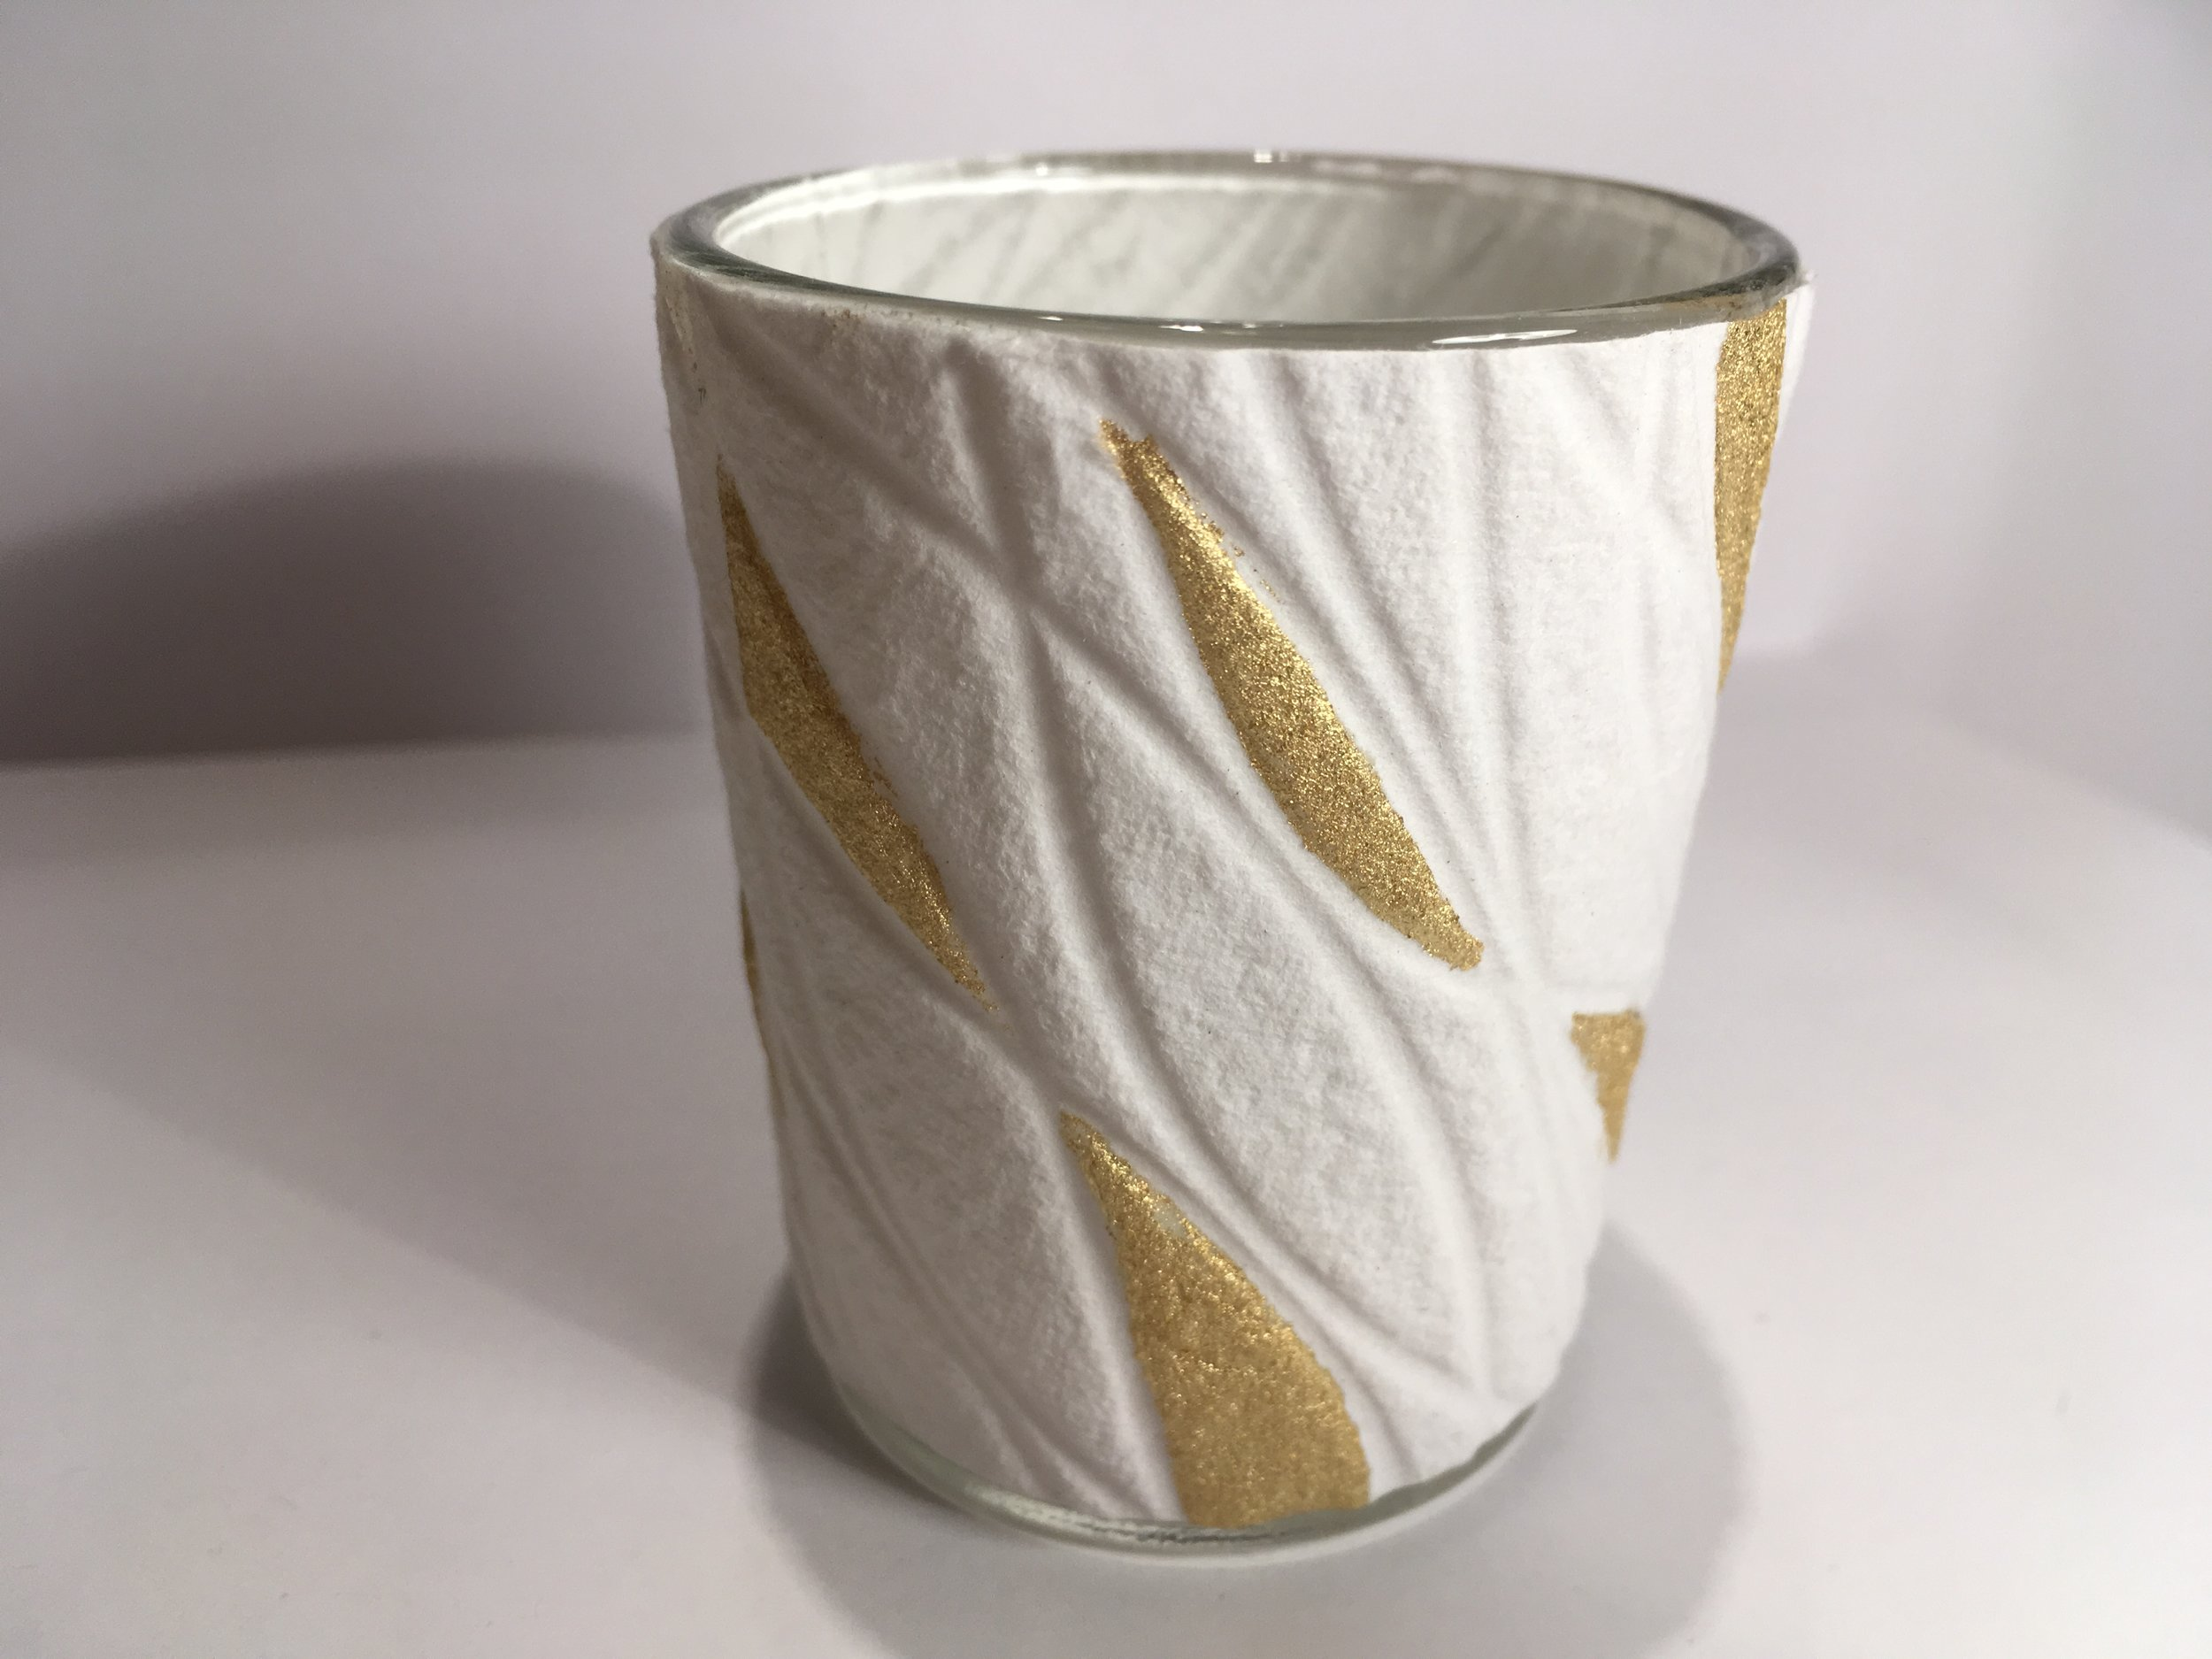 gold leaf embossed pot.JPG